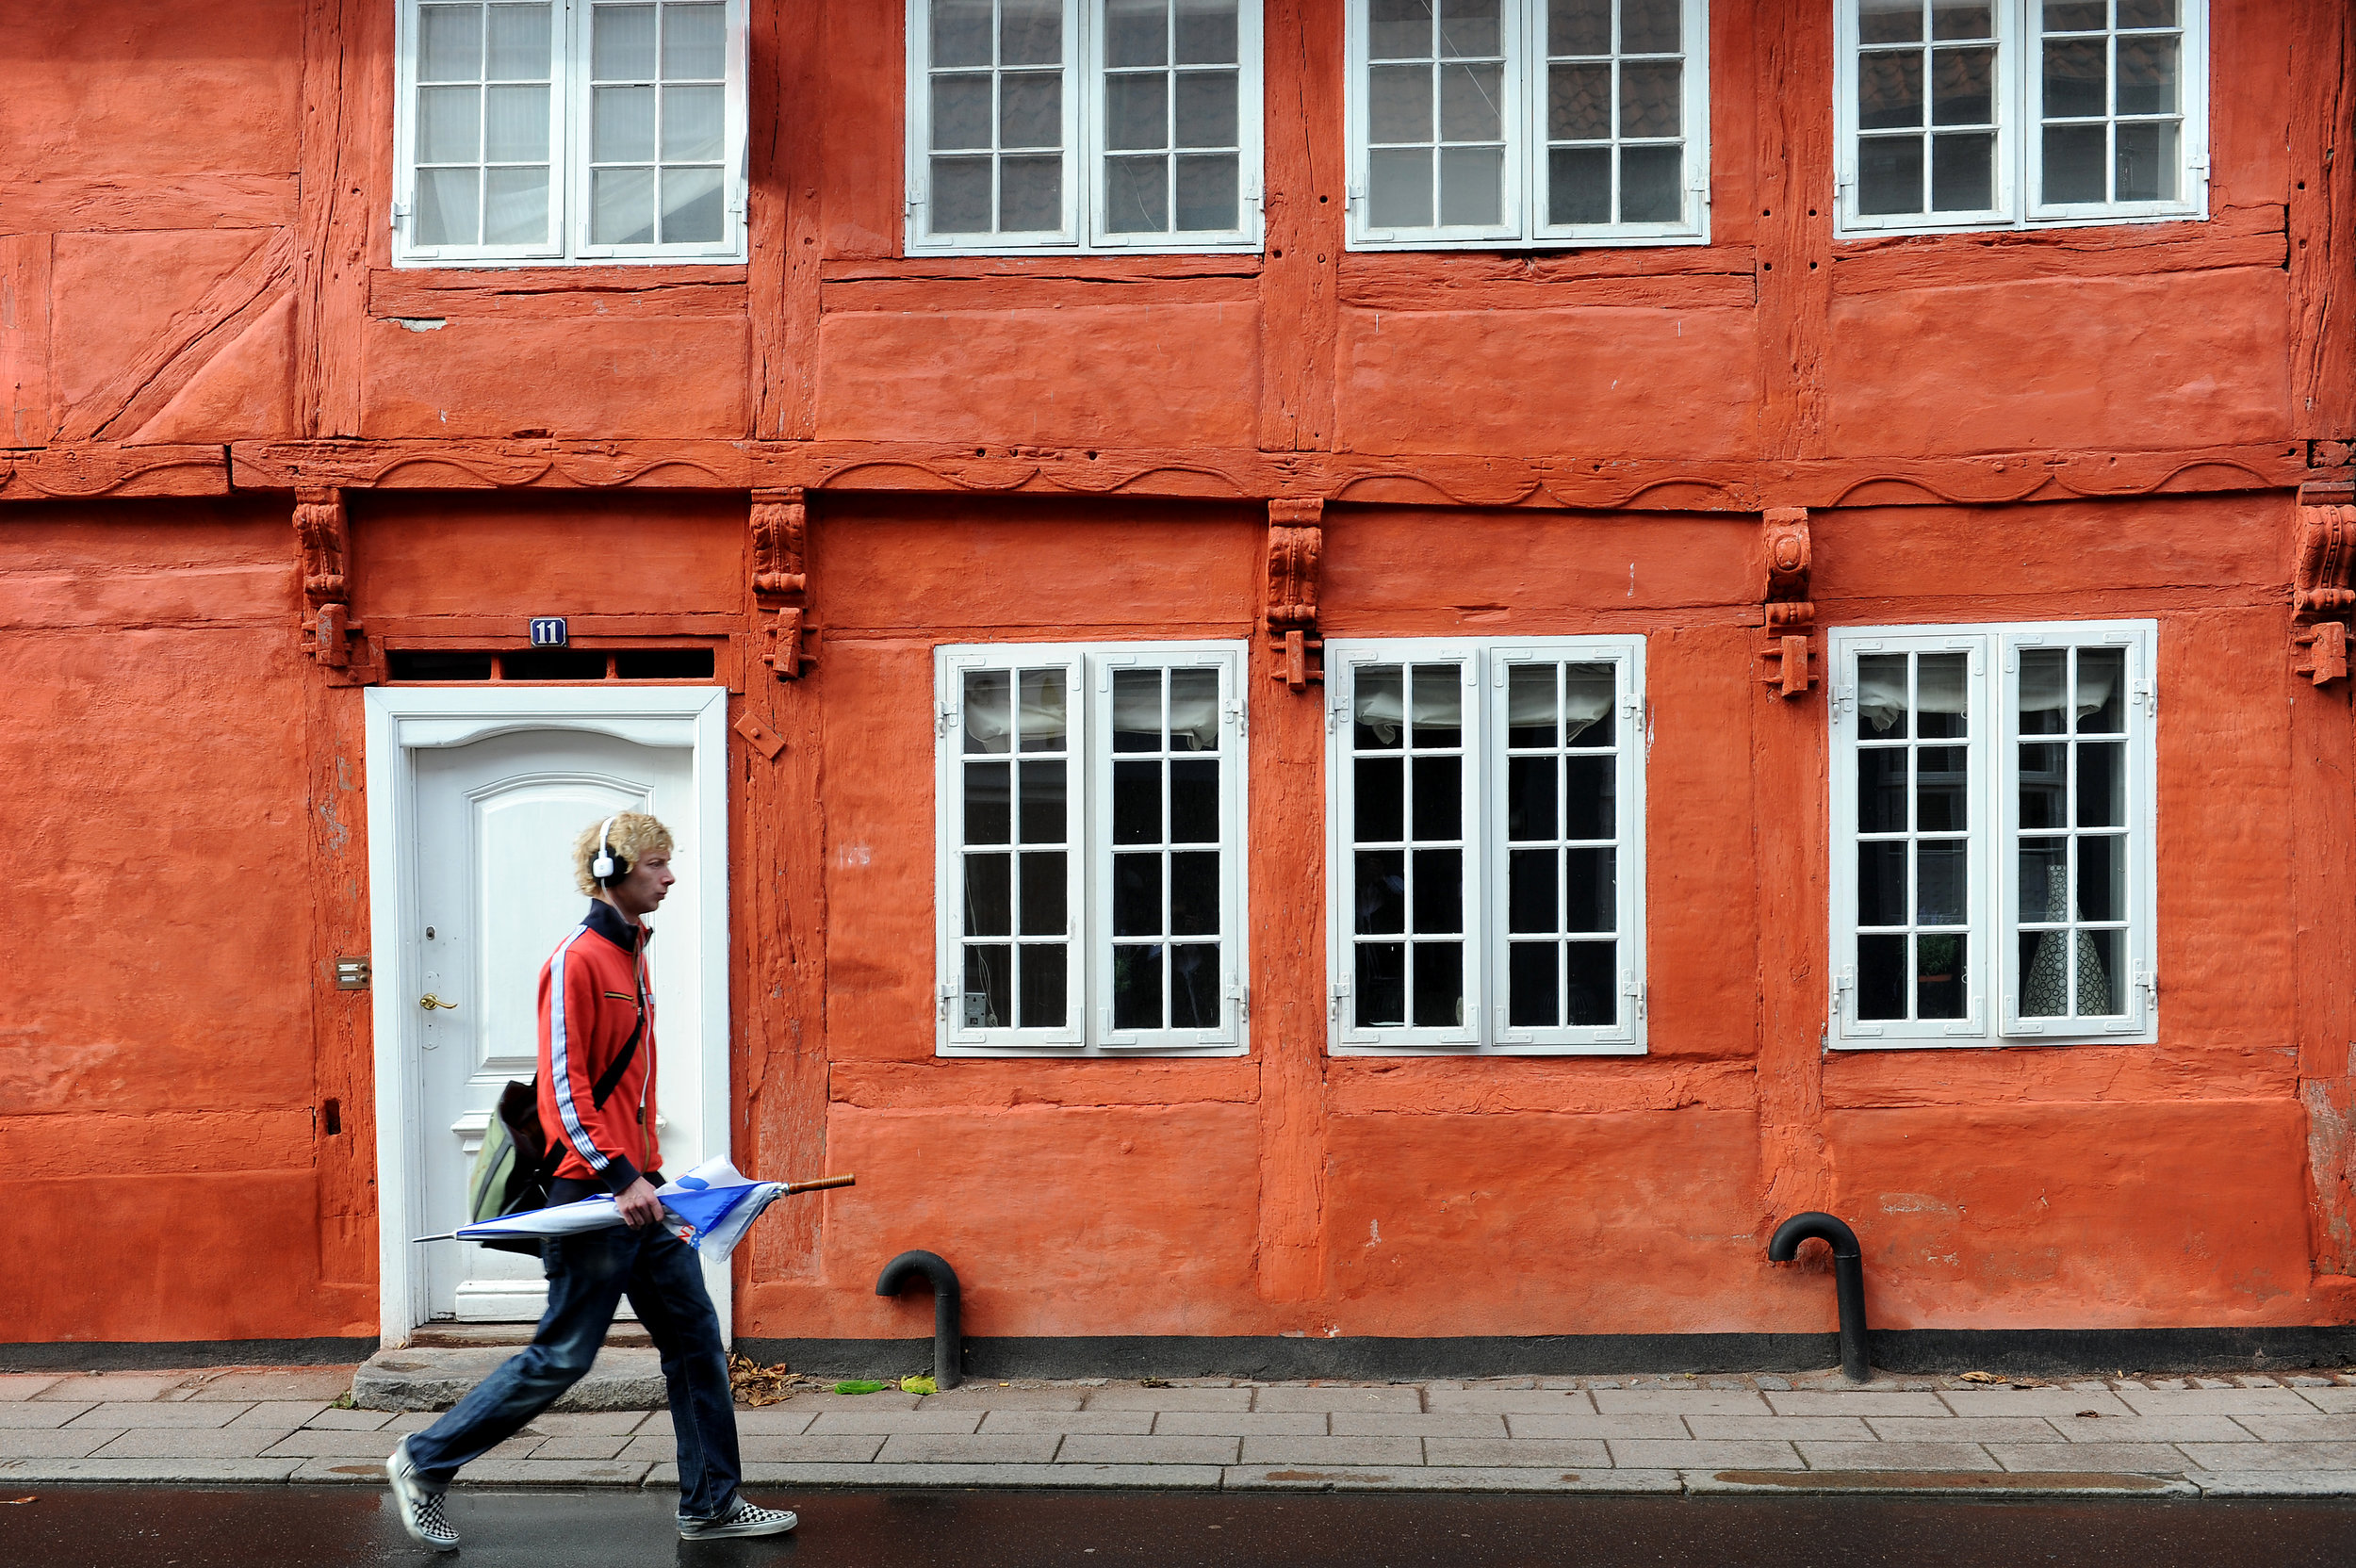 Helsingör, Tanska, talo, värikäs, kaunis, punainen